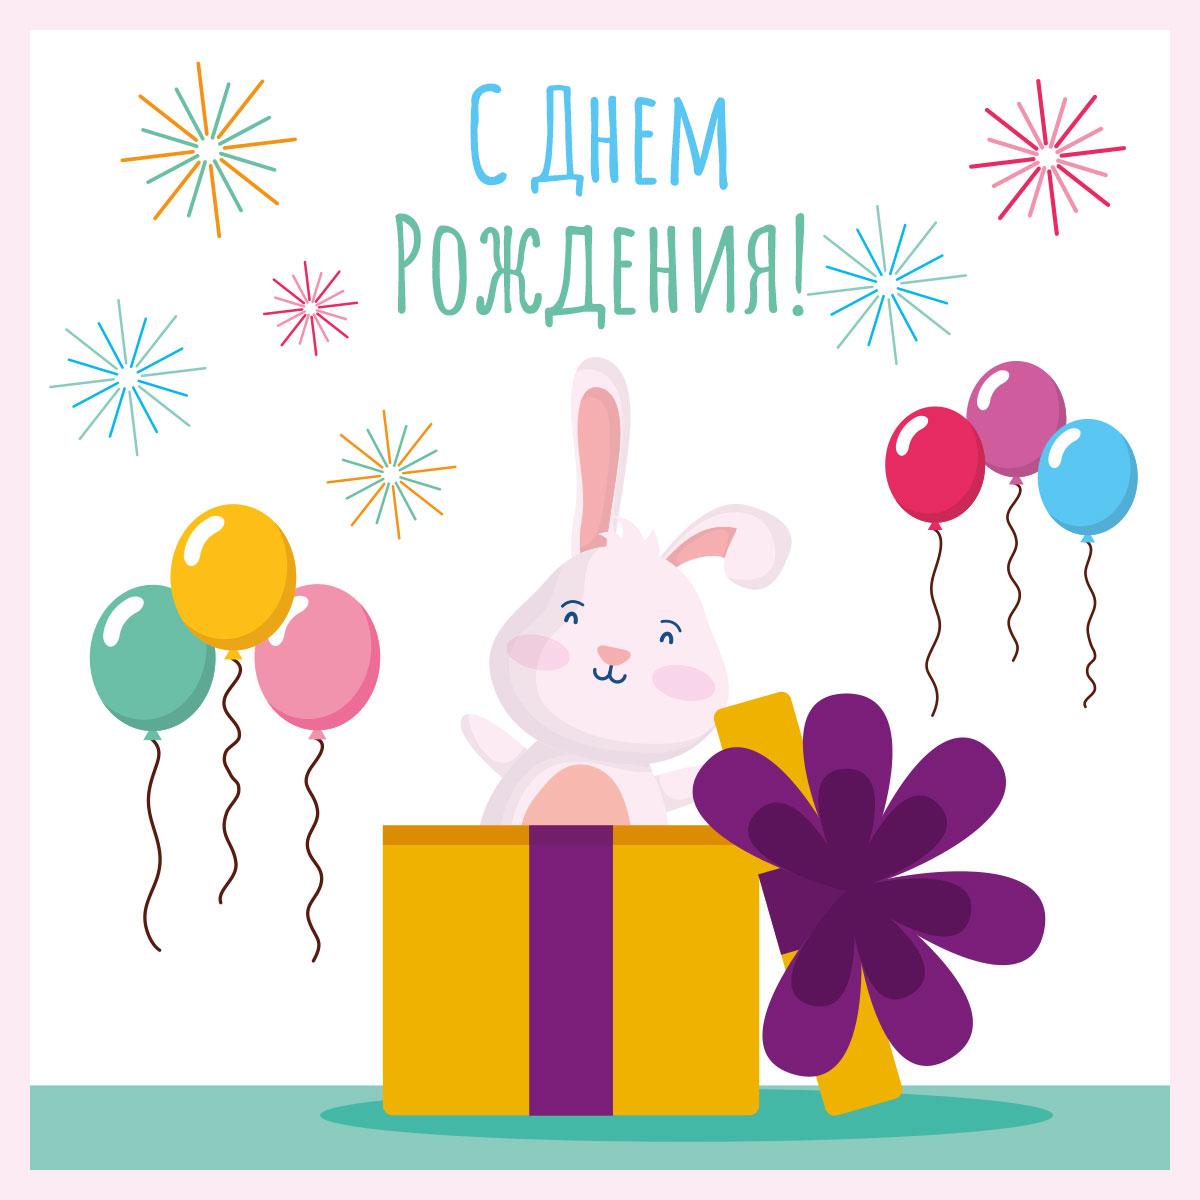 Картинка детская открытка на день рождения с кроликом, коробкой с подарком и воздушными шариками.